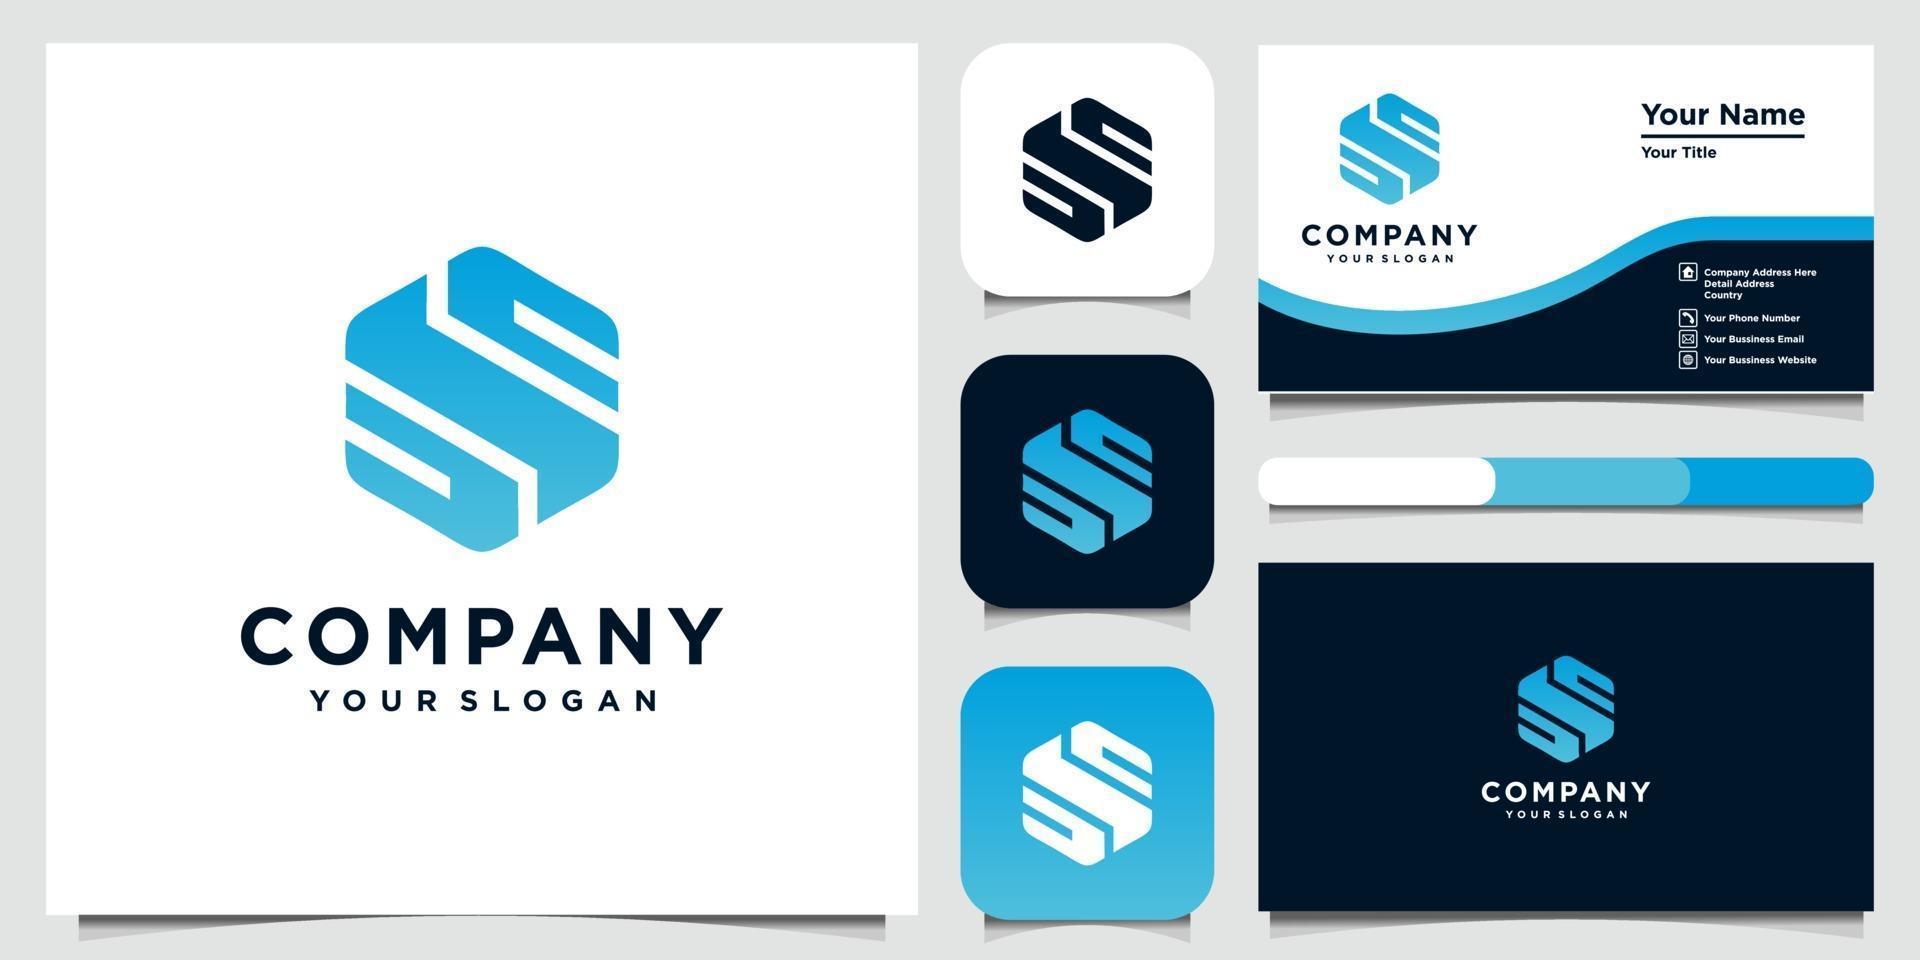 Plantilla de diseño de logotipo de concepto de letra s creativa y tarjeta de visita vector